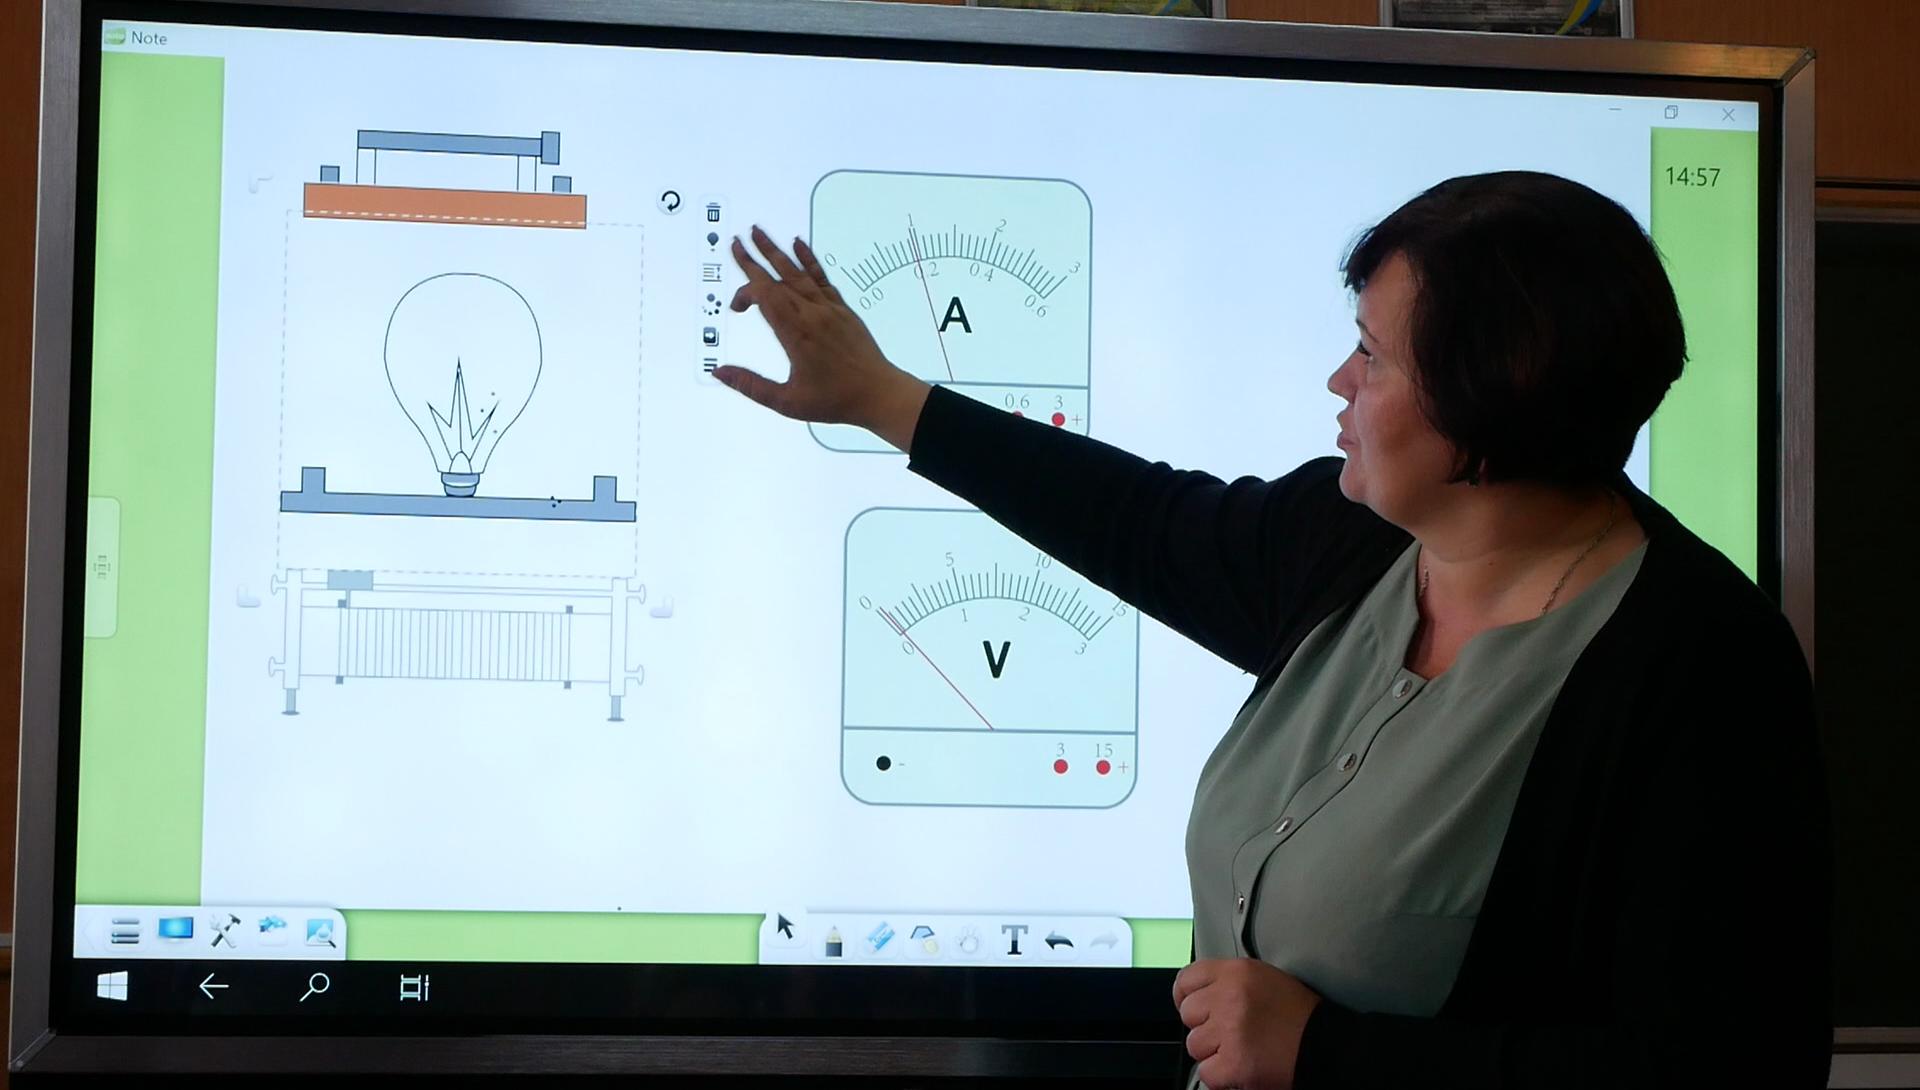 imgbig-3 У п'ятьох білоцерківських школах з'явились інтерактивні панелі